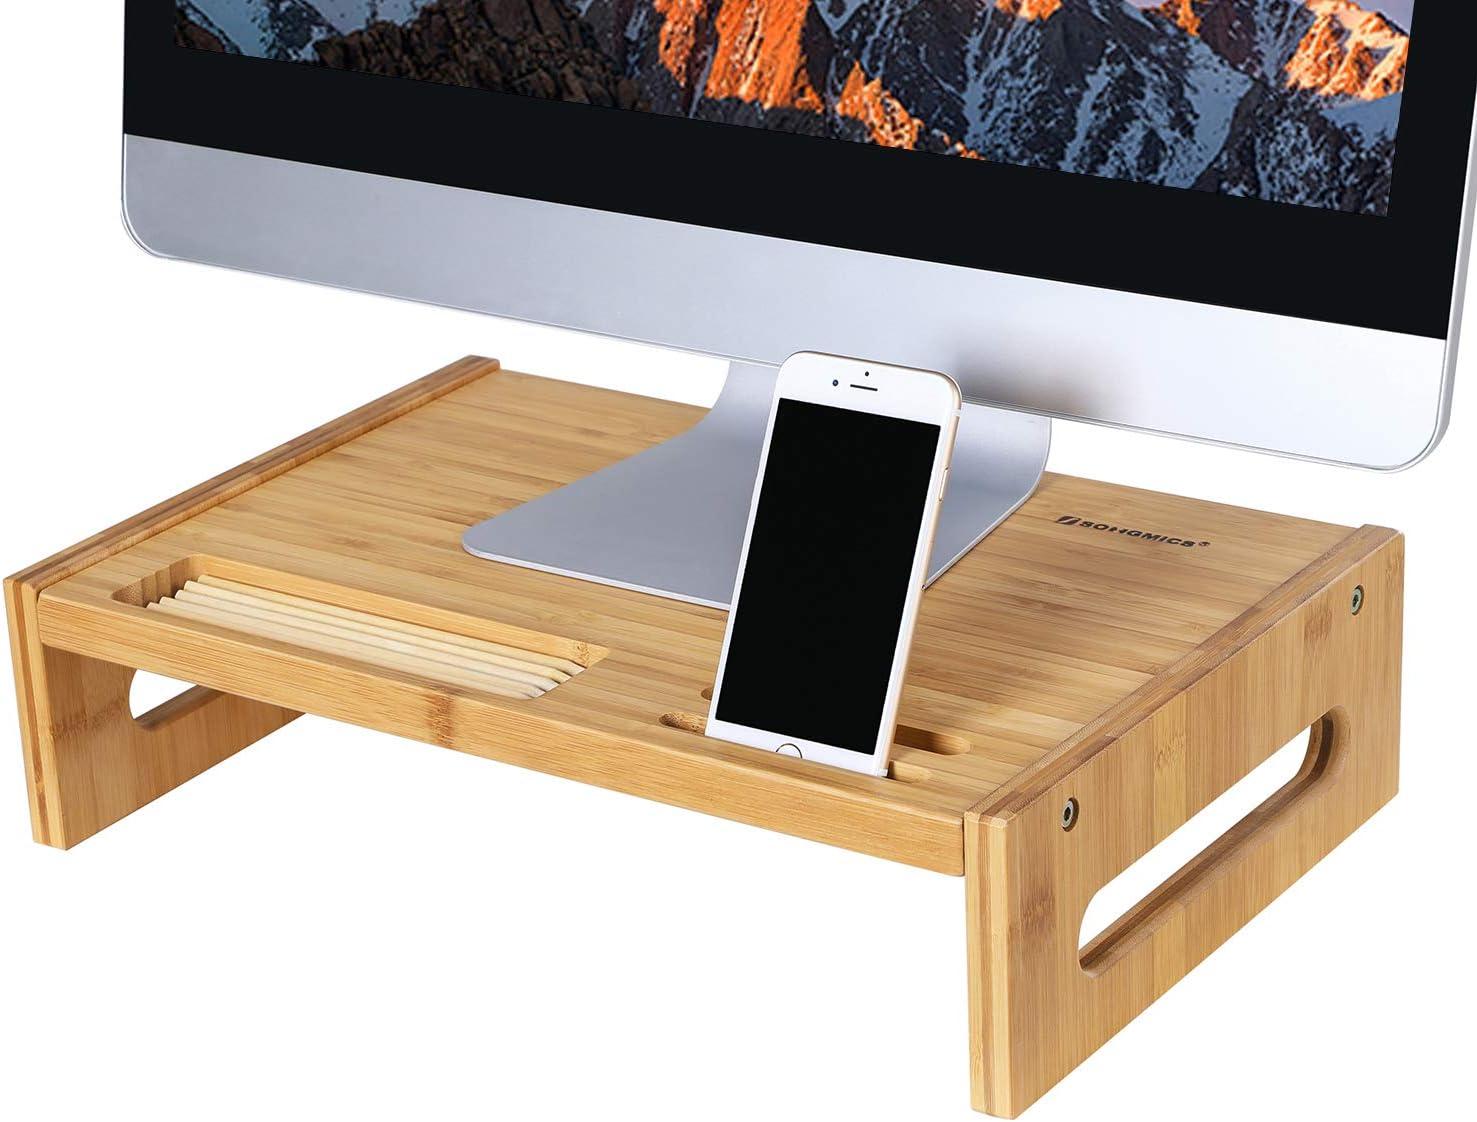 TV PC SONGMICS Supporto per Monitor in bamb/ù Naturale per Scrivania con Vani Portaoggetti per Laptop Lavoro da Casa LLD211WT